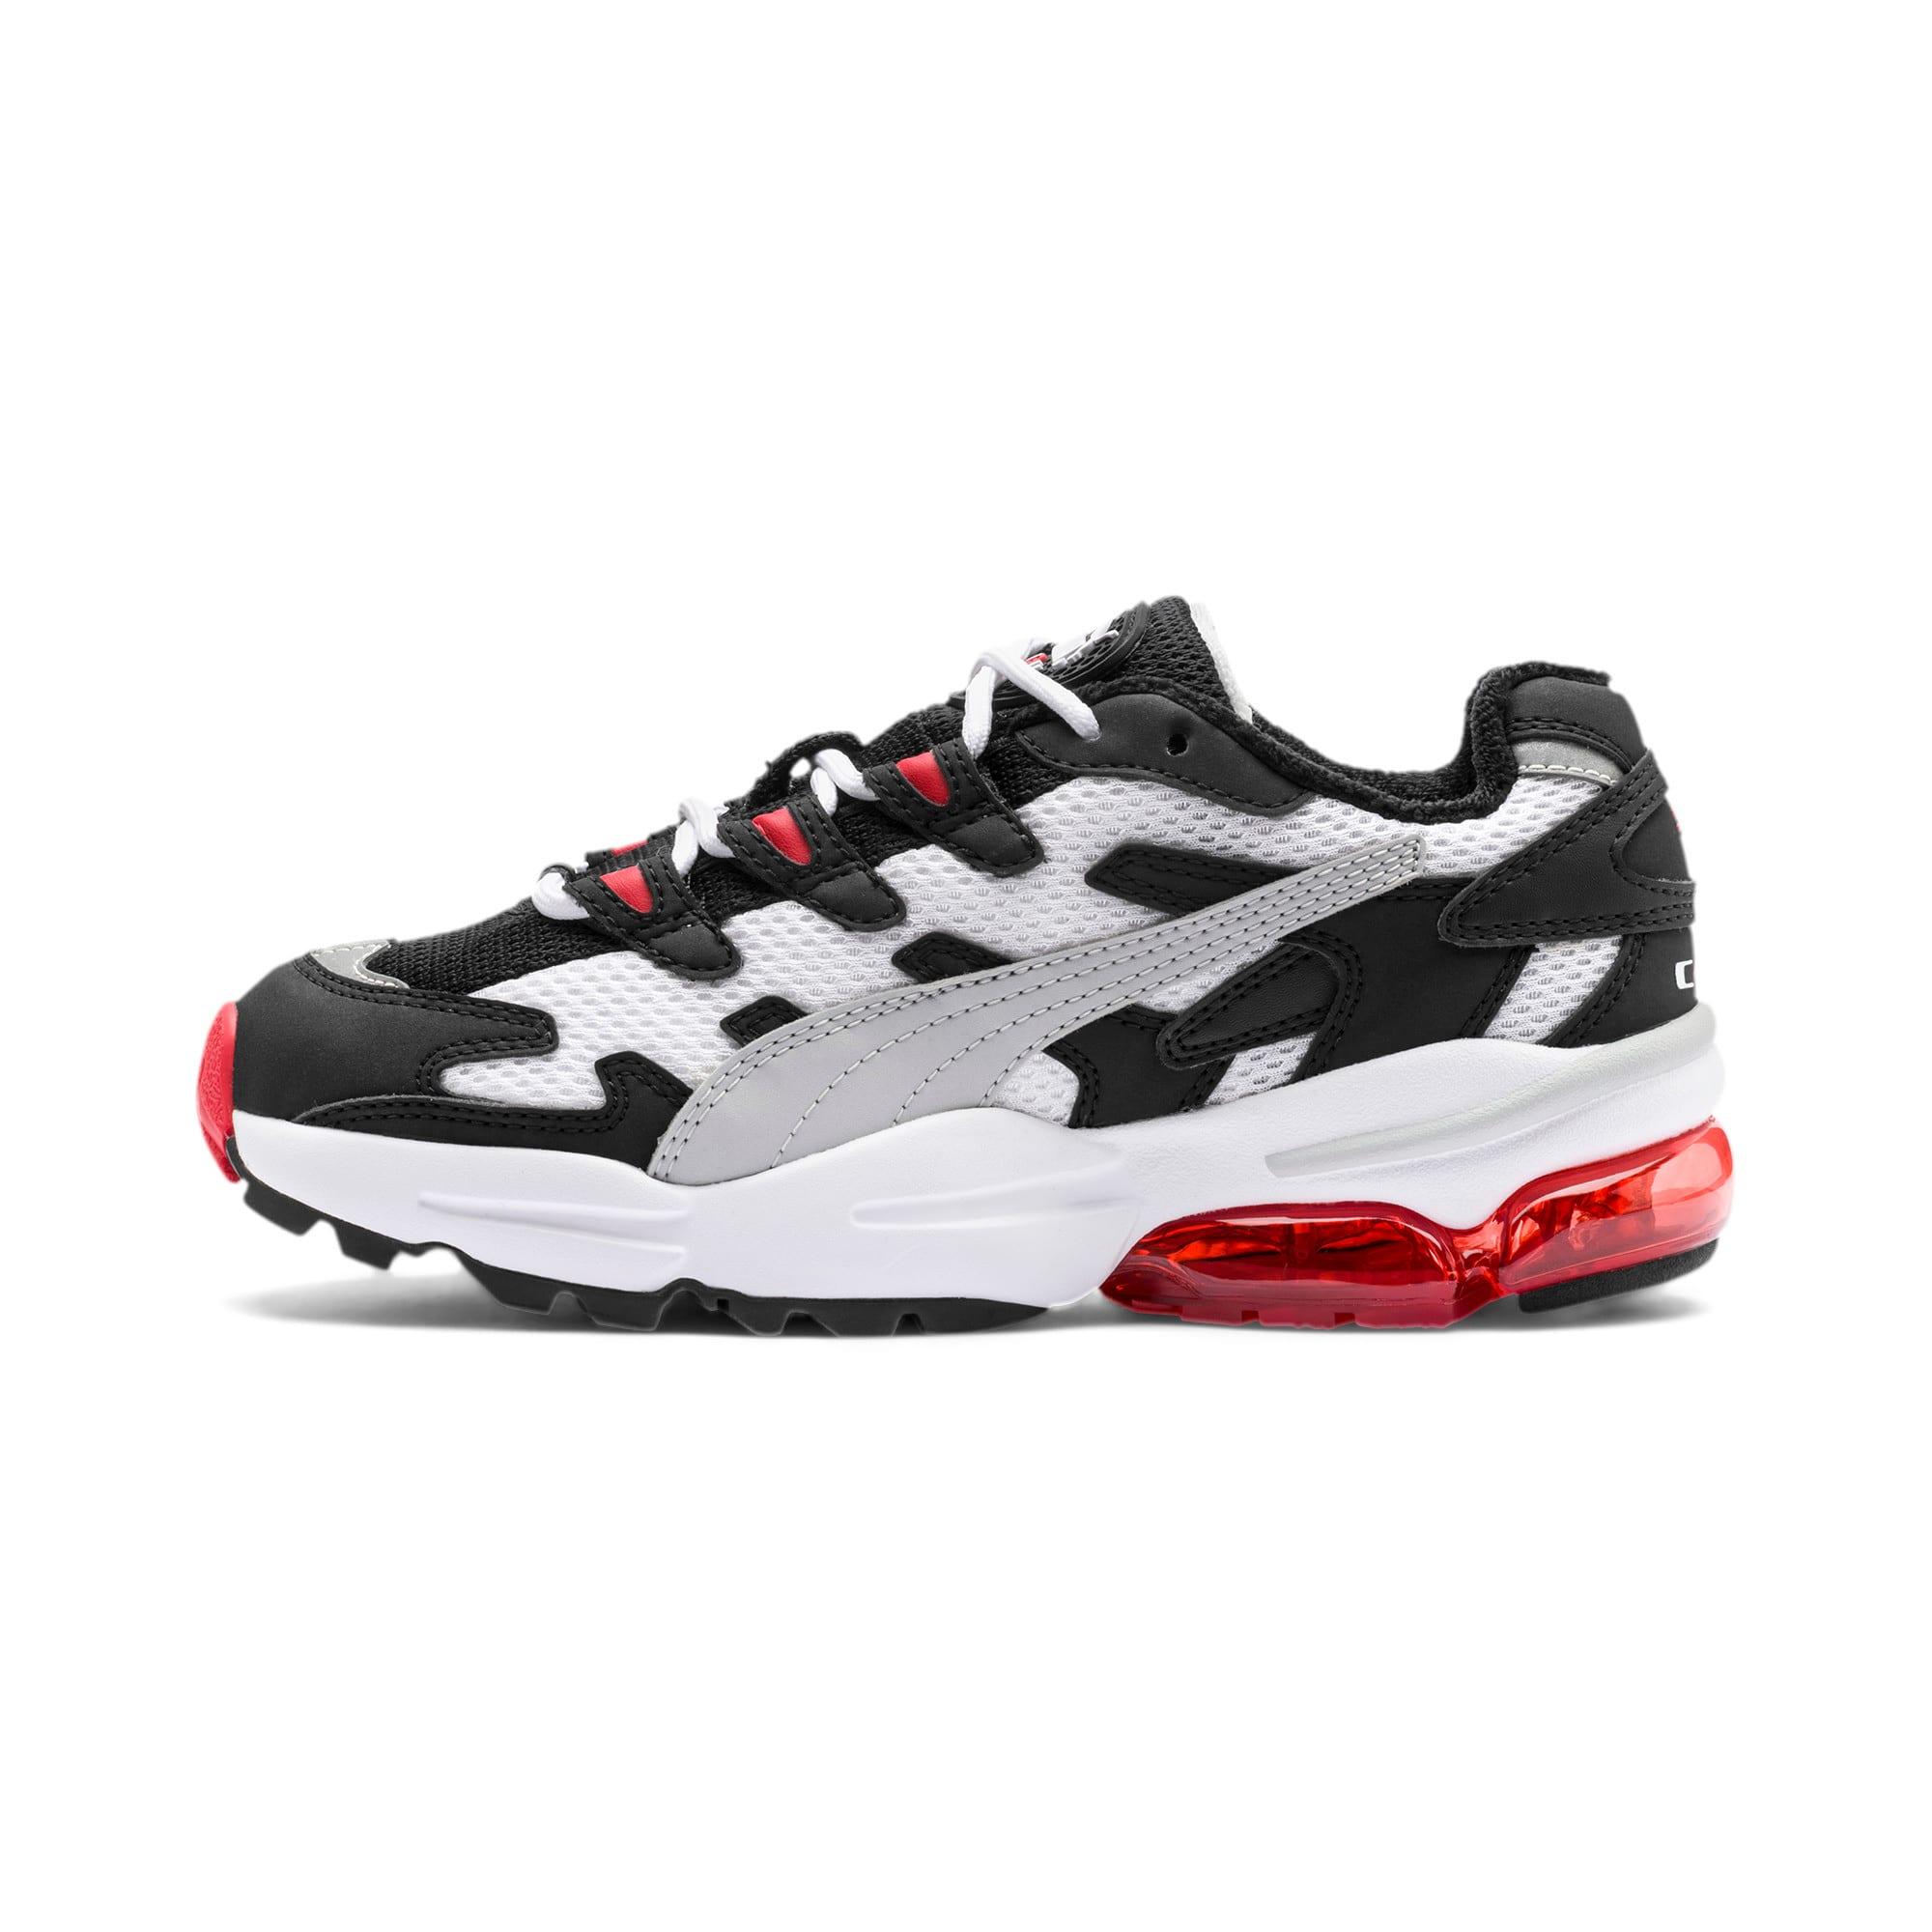 Thumbnail 1 of CELL Alien OG Sneakers JR, Puma White-High Risk Red, medium